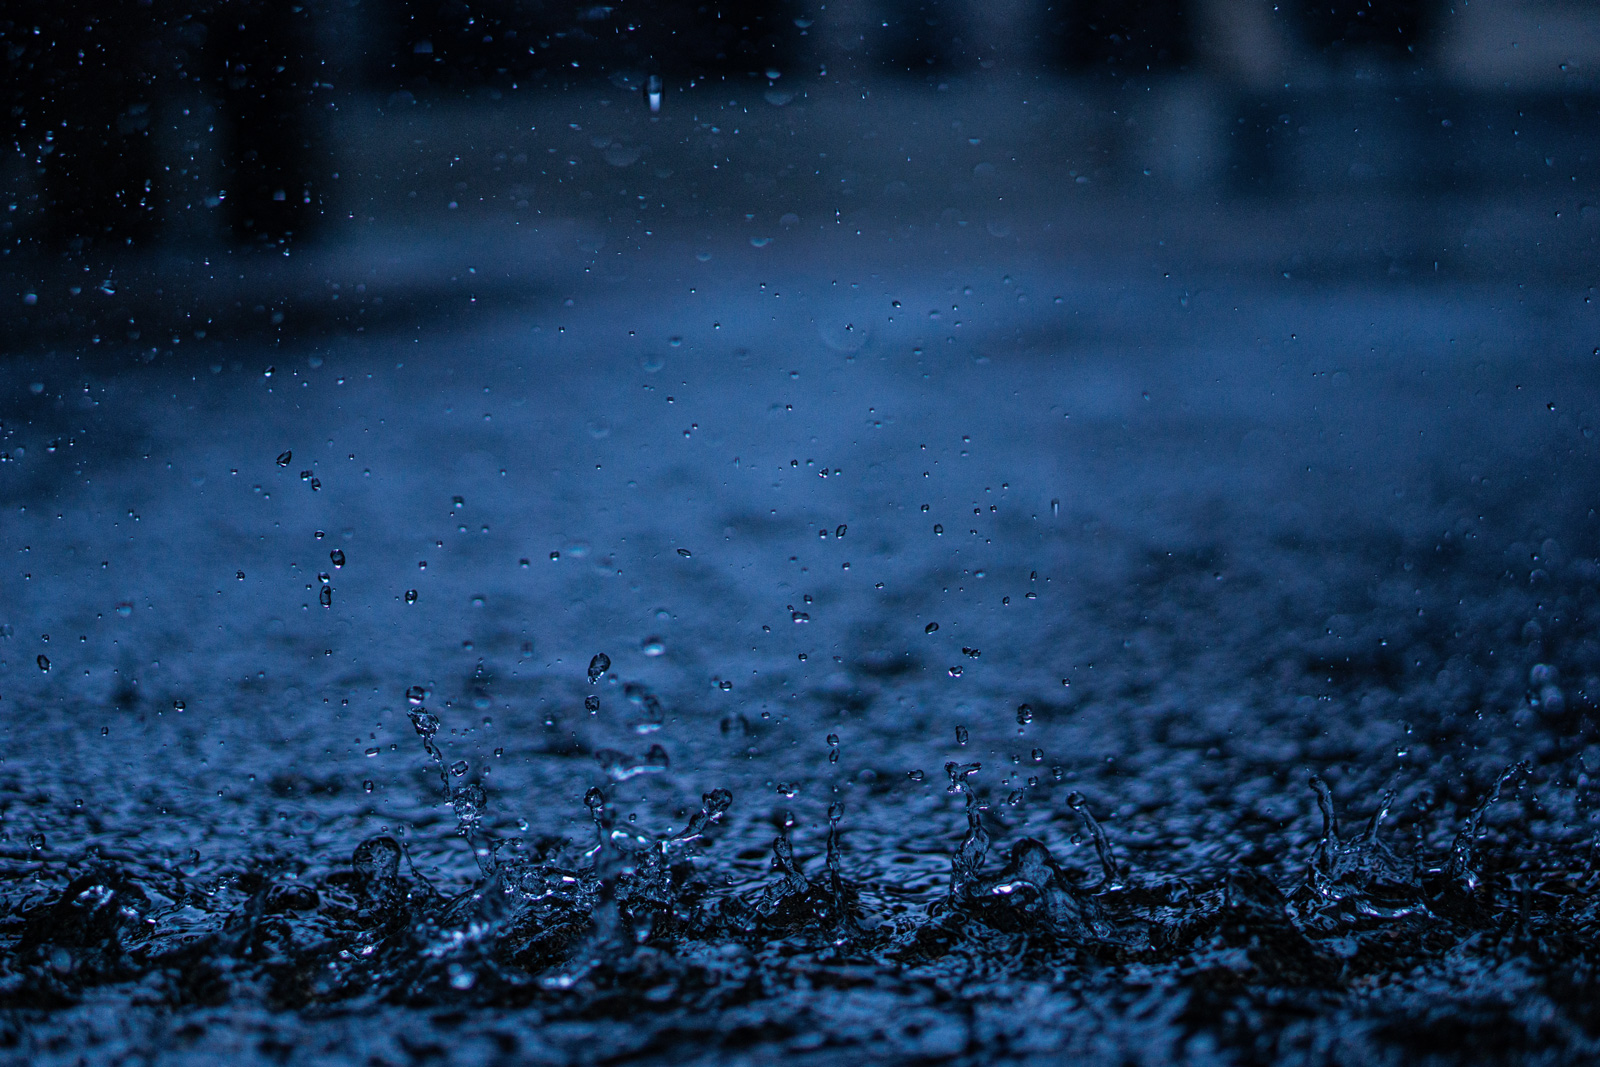 Stromquelle: Die Schwerkraft des Regentropfens